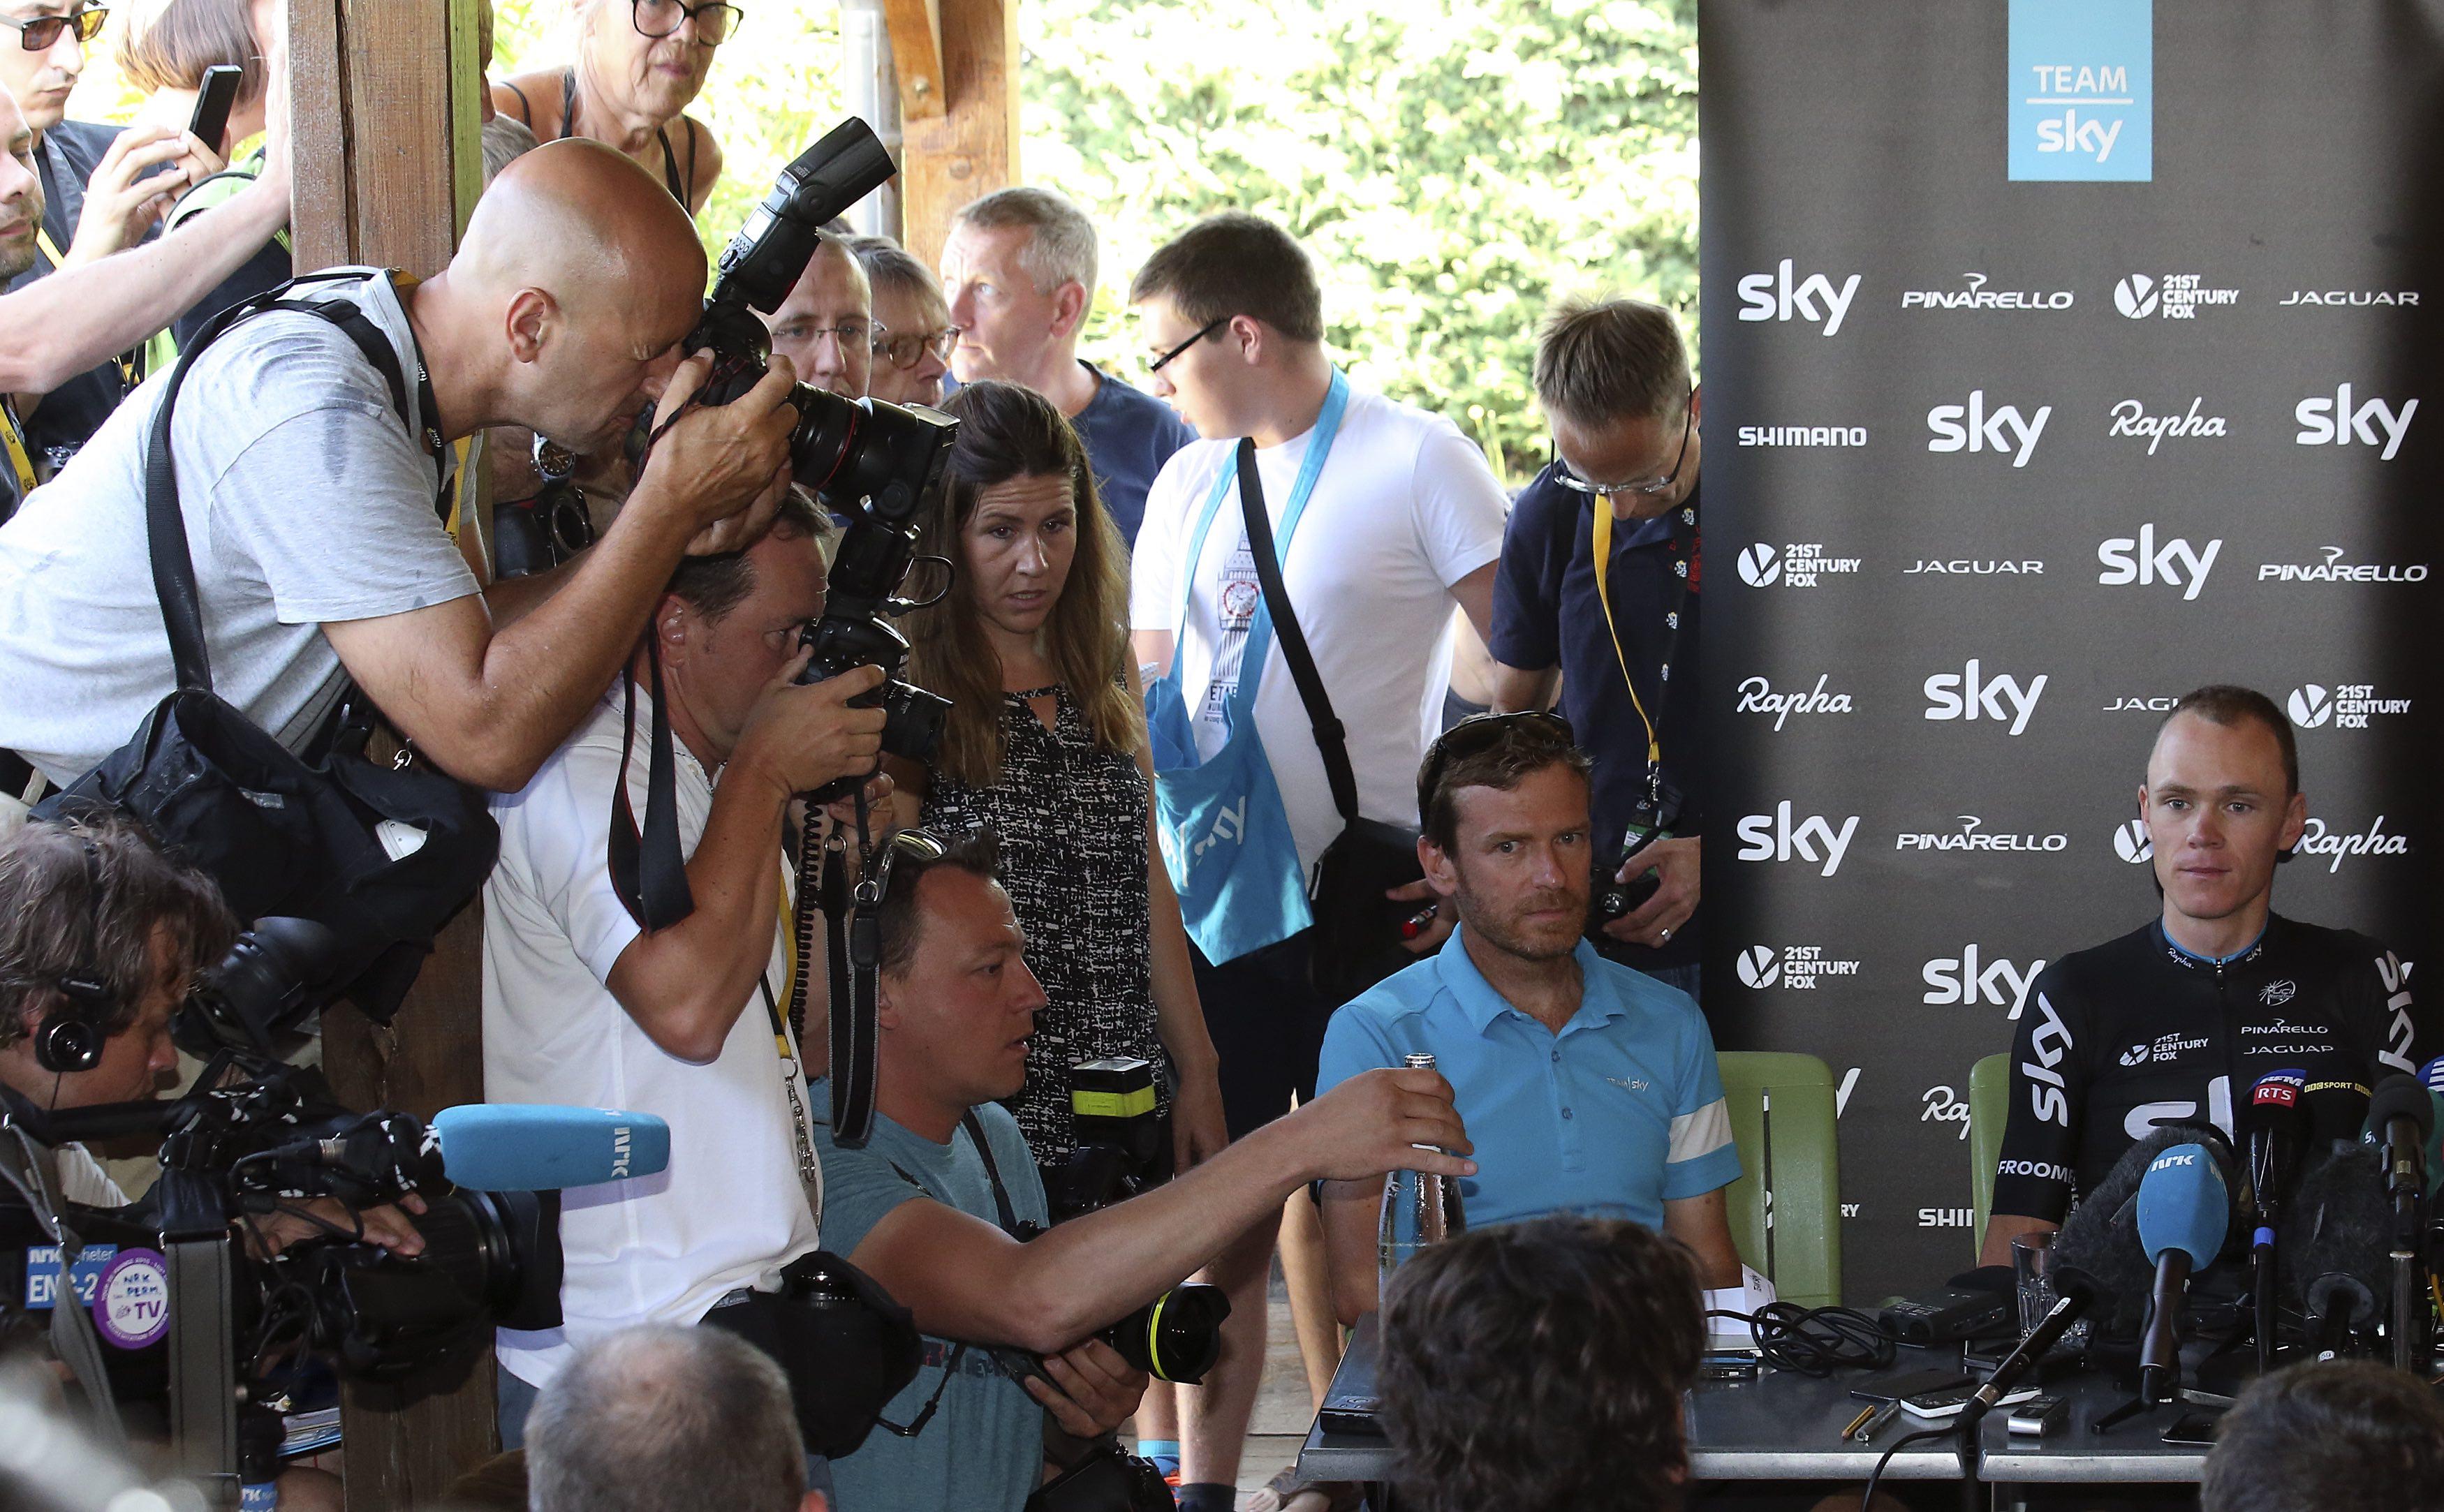 Data-bråk: Team Sky må ut med Froomes prestasjonsdata for å roe gemyttene under Touren i 2015. Foto Sykkelmagasinet